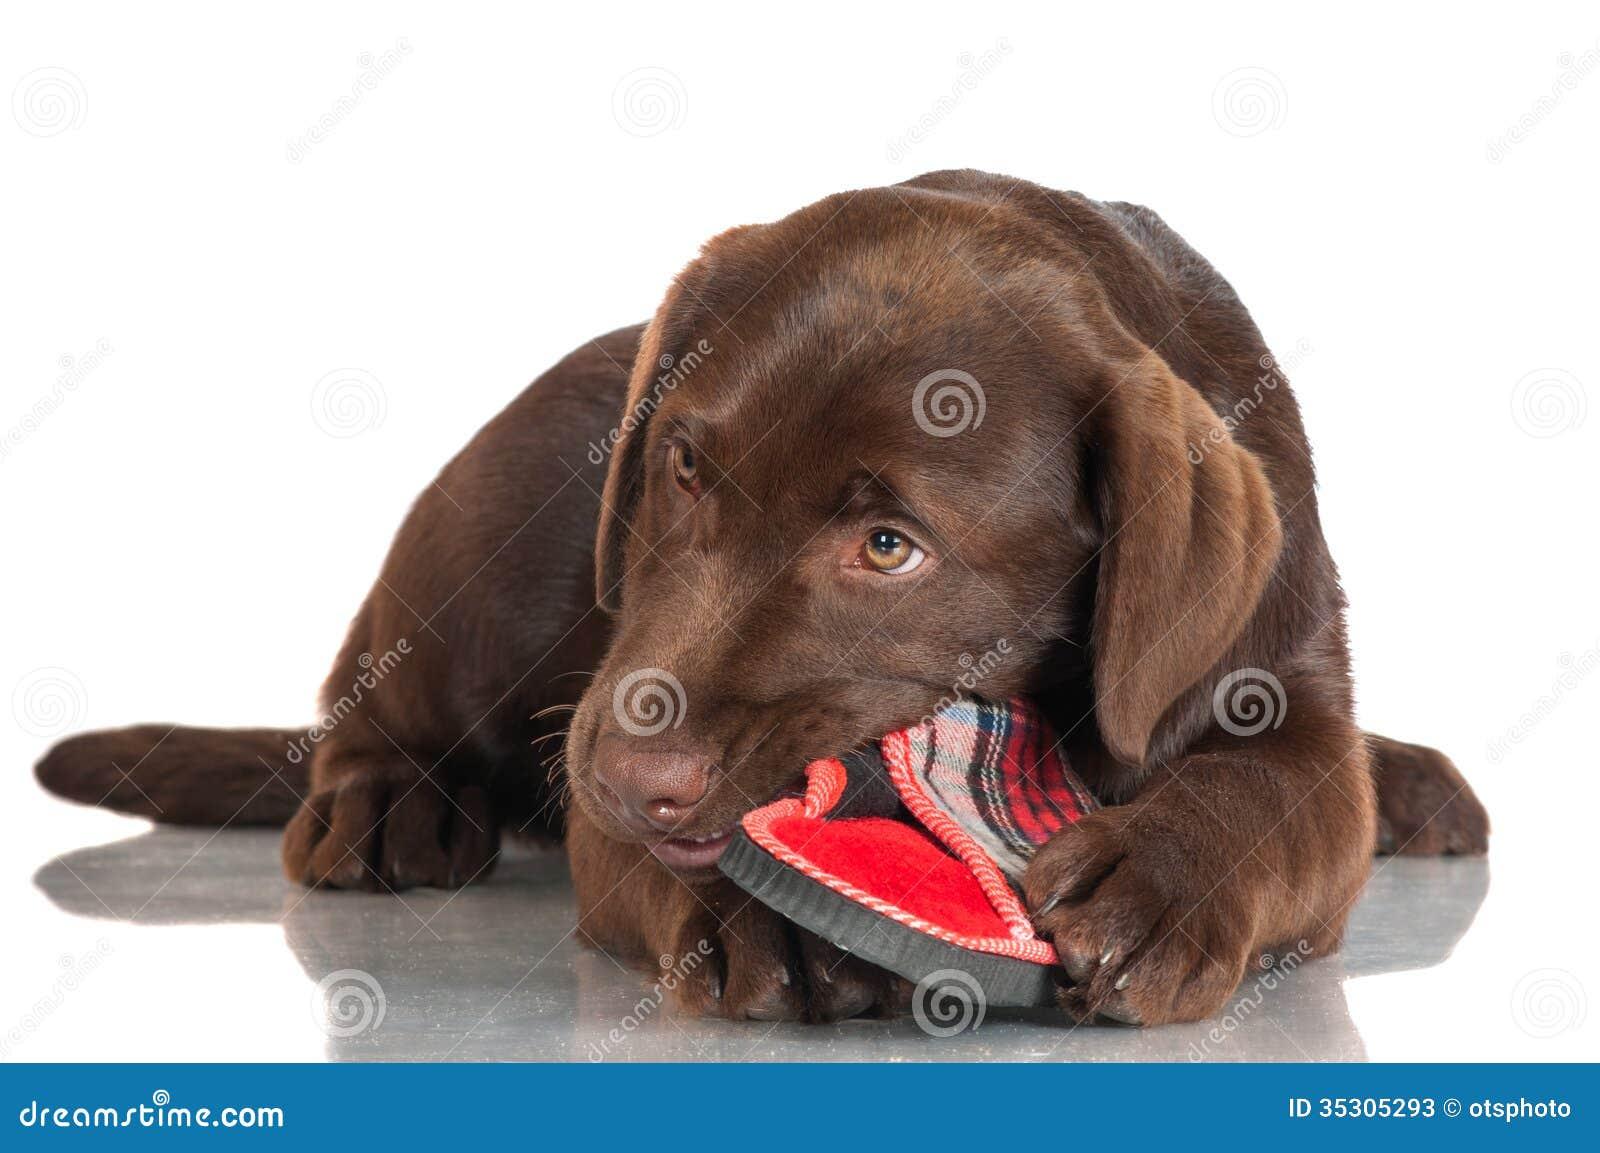 DistroWatchcom Puppy Linux